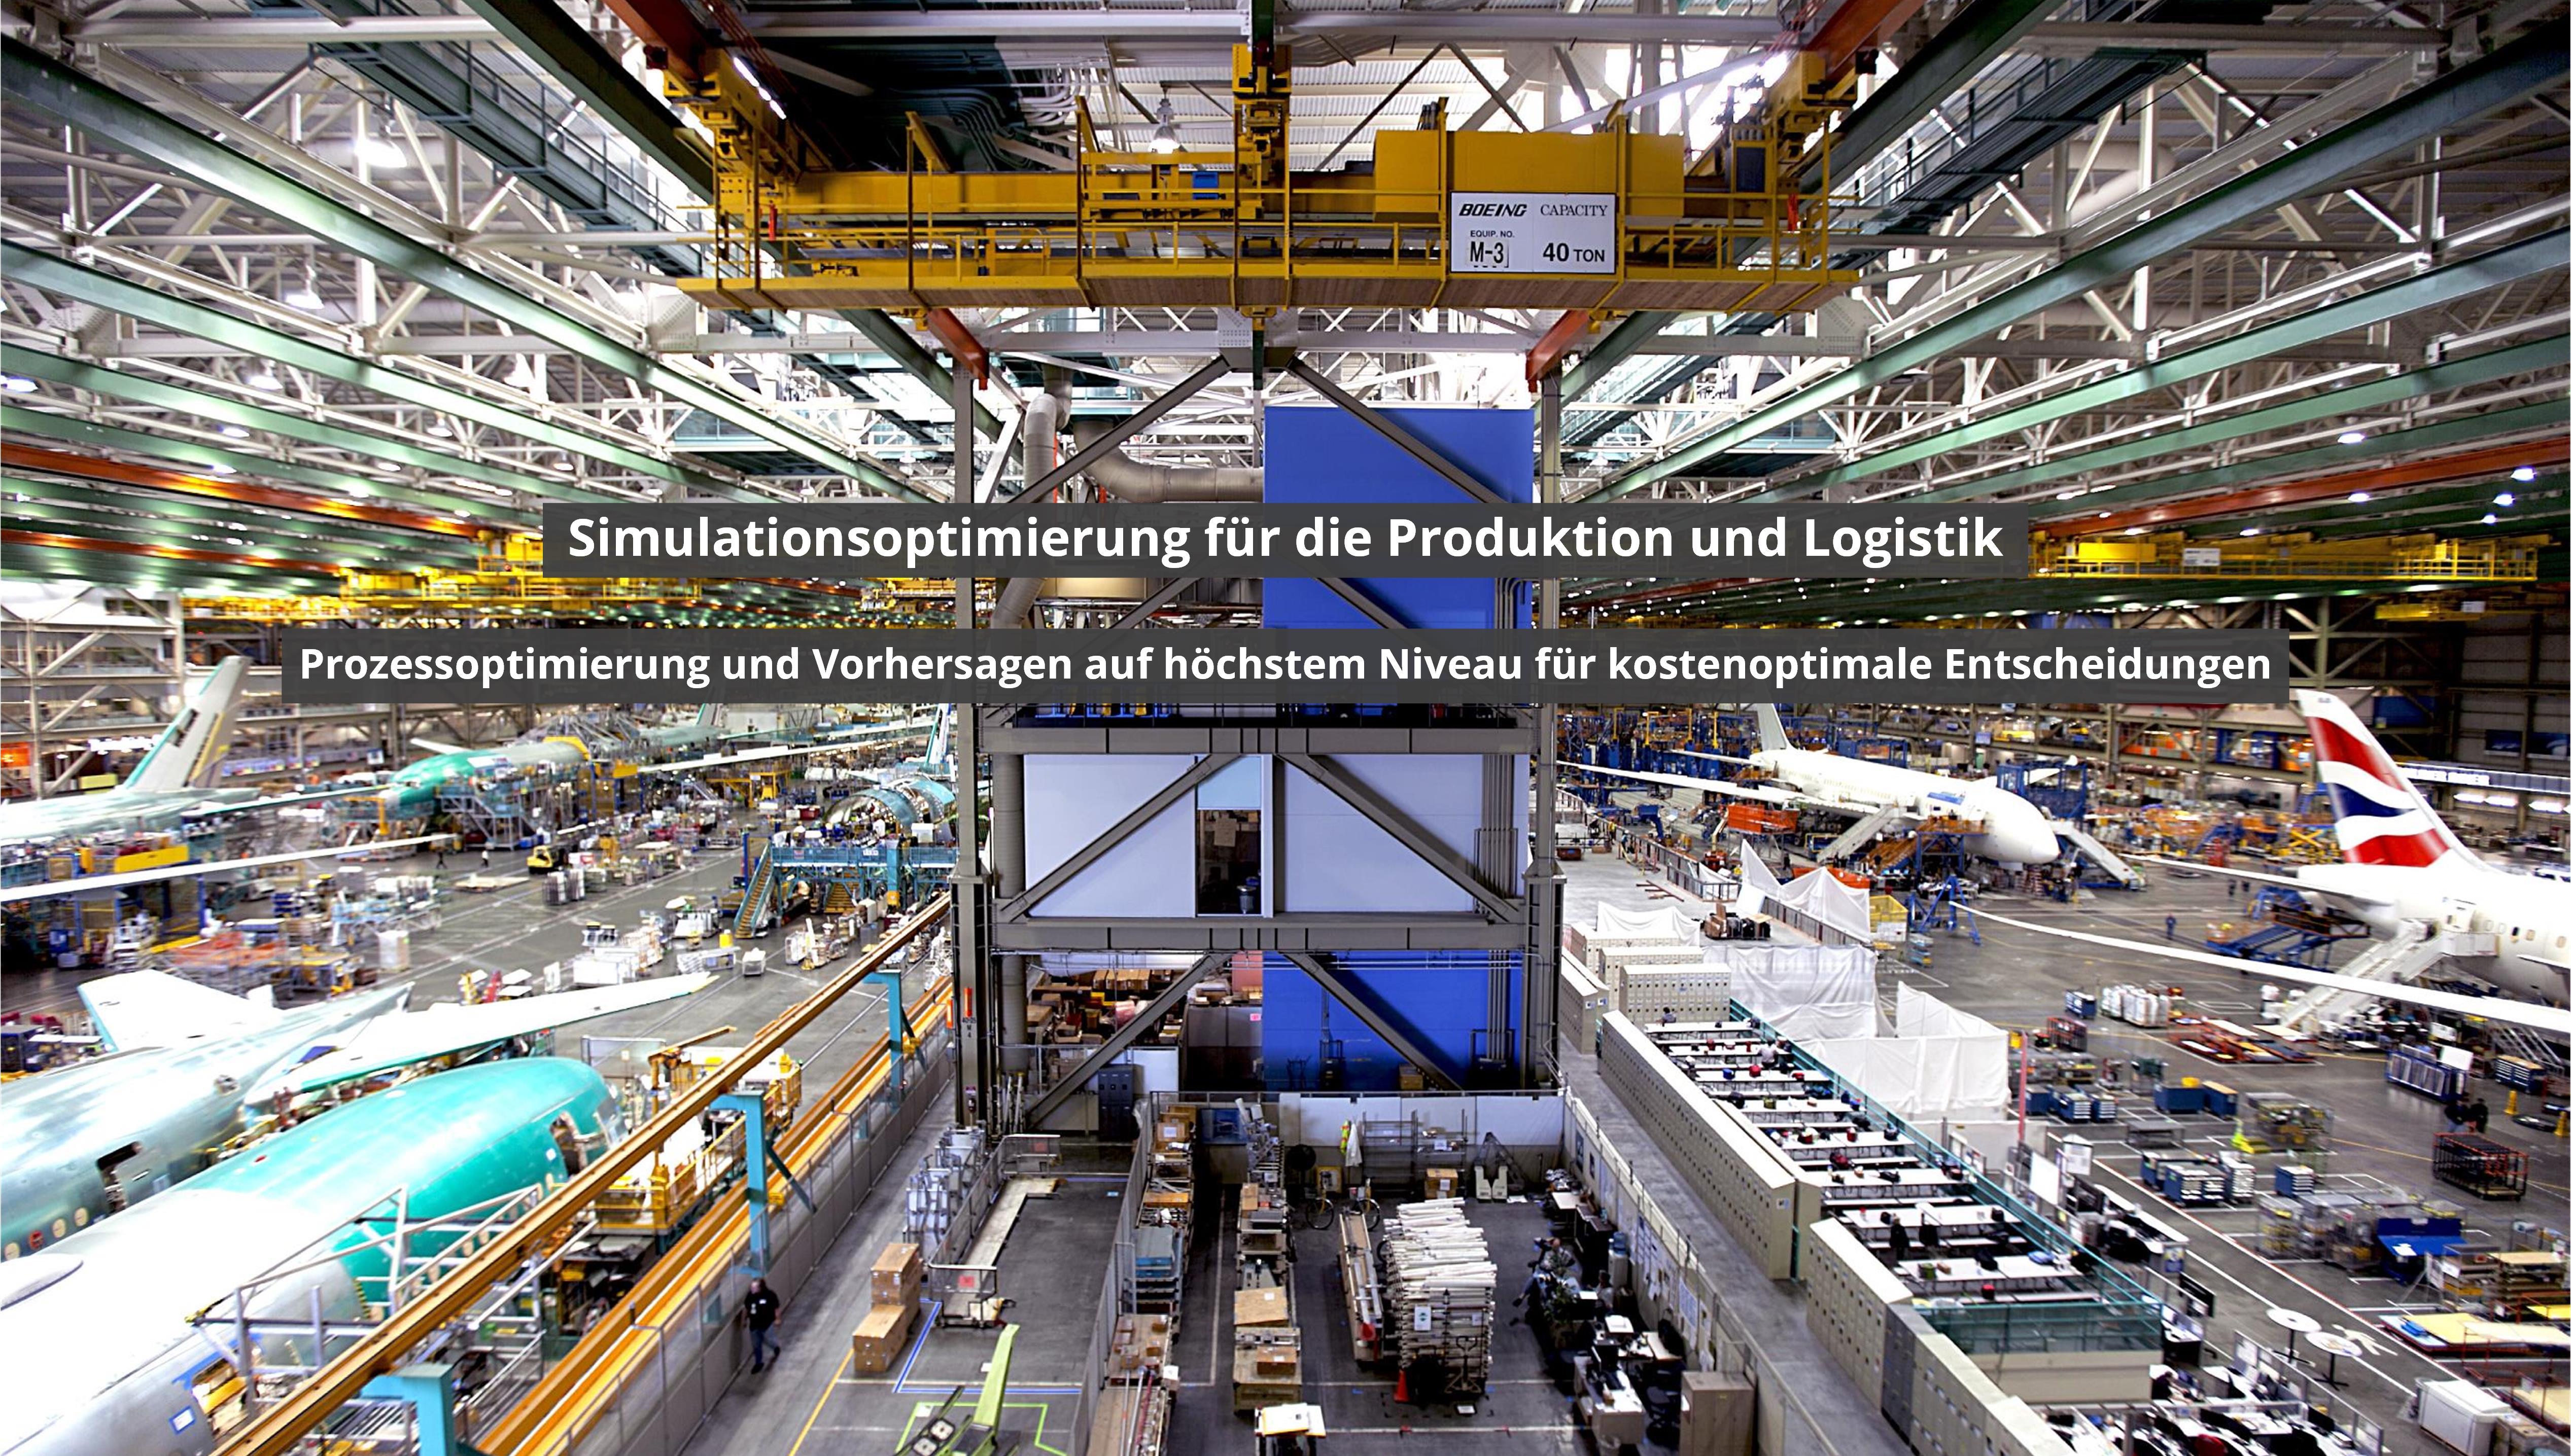 Simulationsoptimierung für Produktion und Logistik